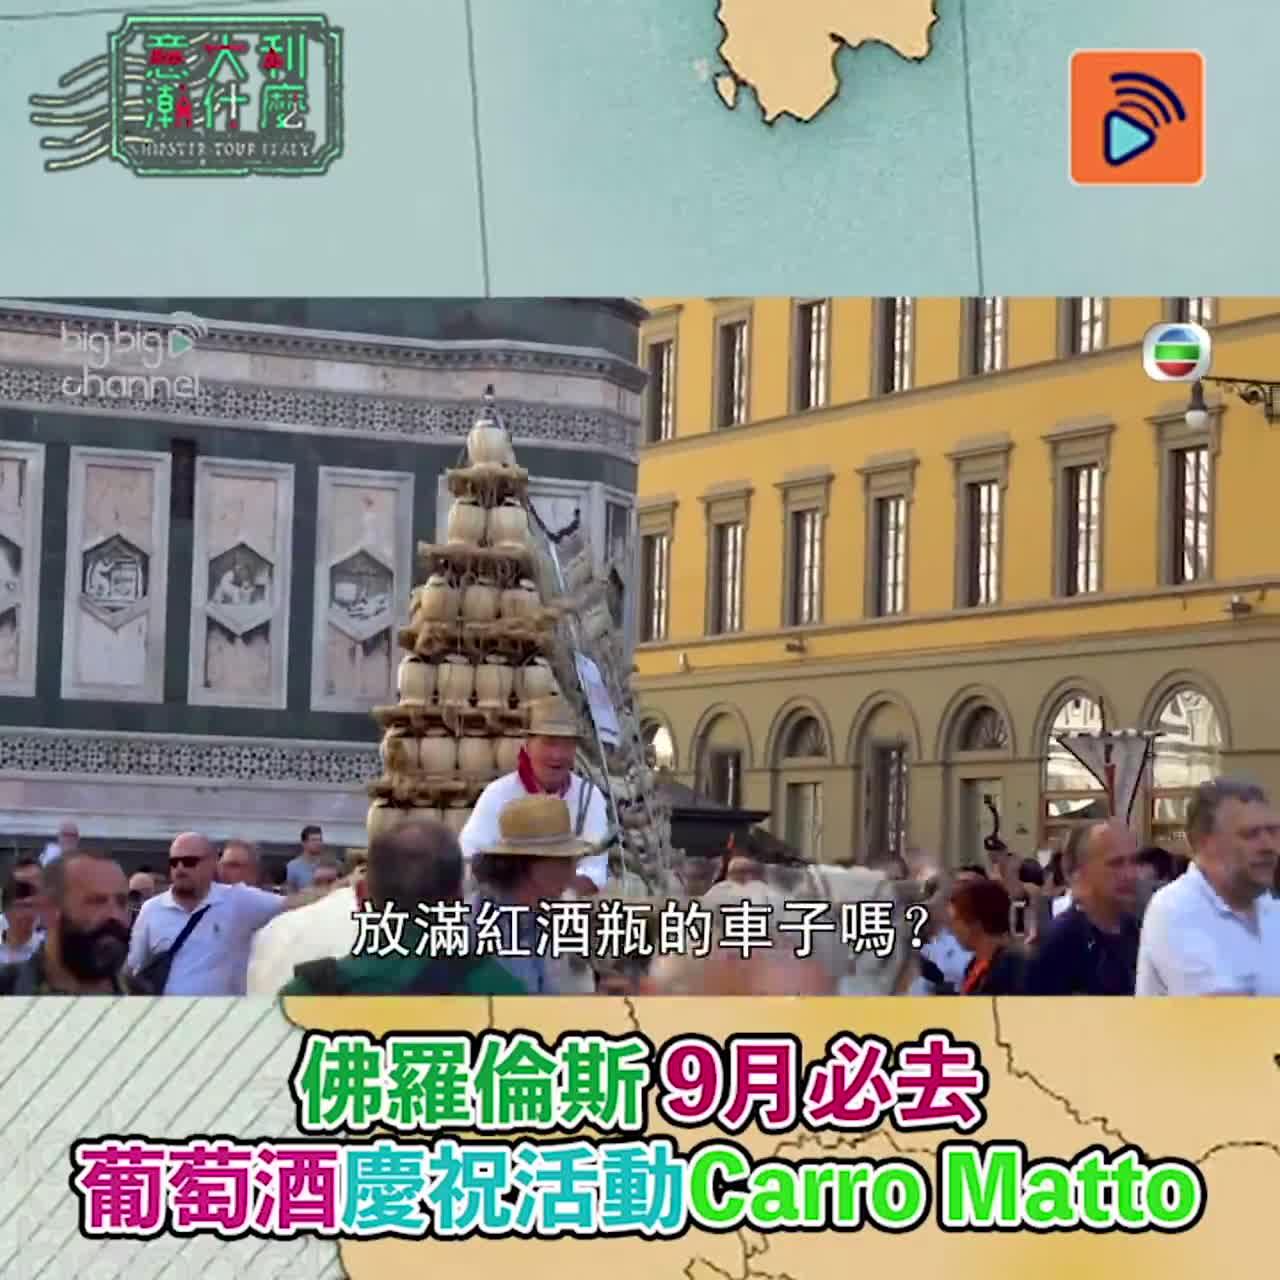 佛羅倫斯 9月必去 葡萄酒慶祝活動Carro Matto